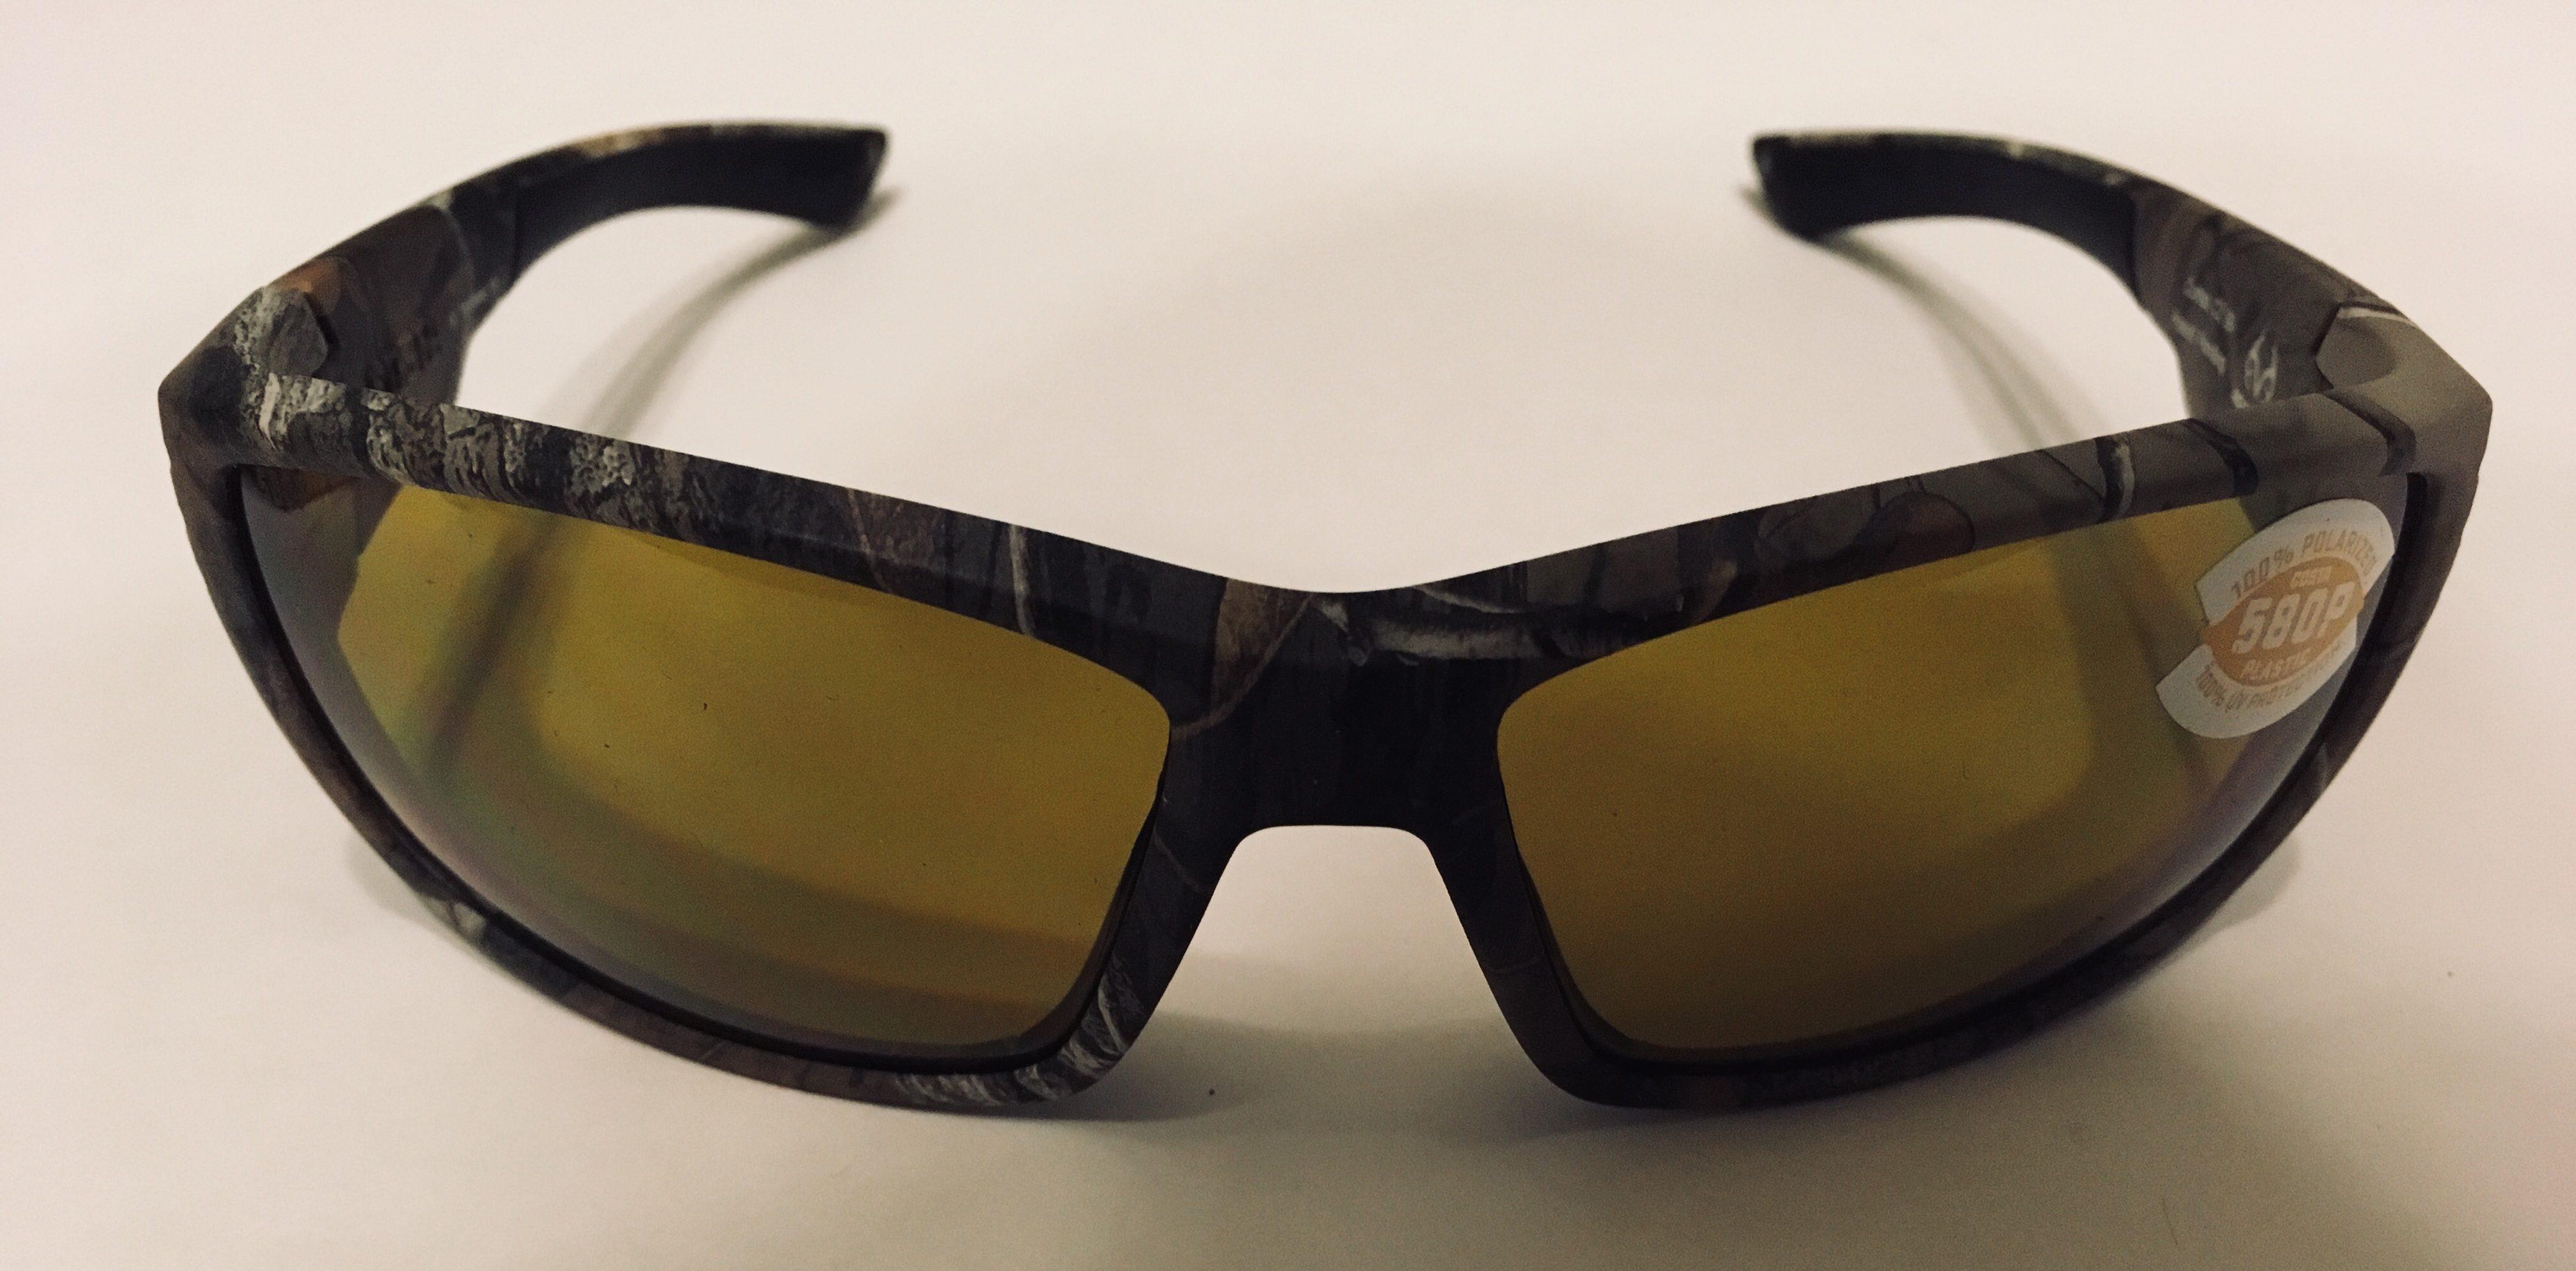 674ffdba1b367 Costa Del Mar Cortez Sunglasses Realtree Xtra Camo POLARIZED Sunrise 580P